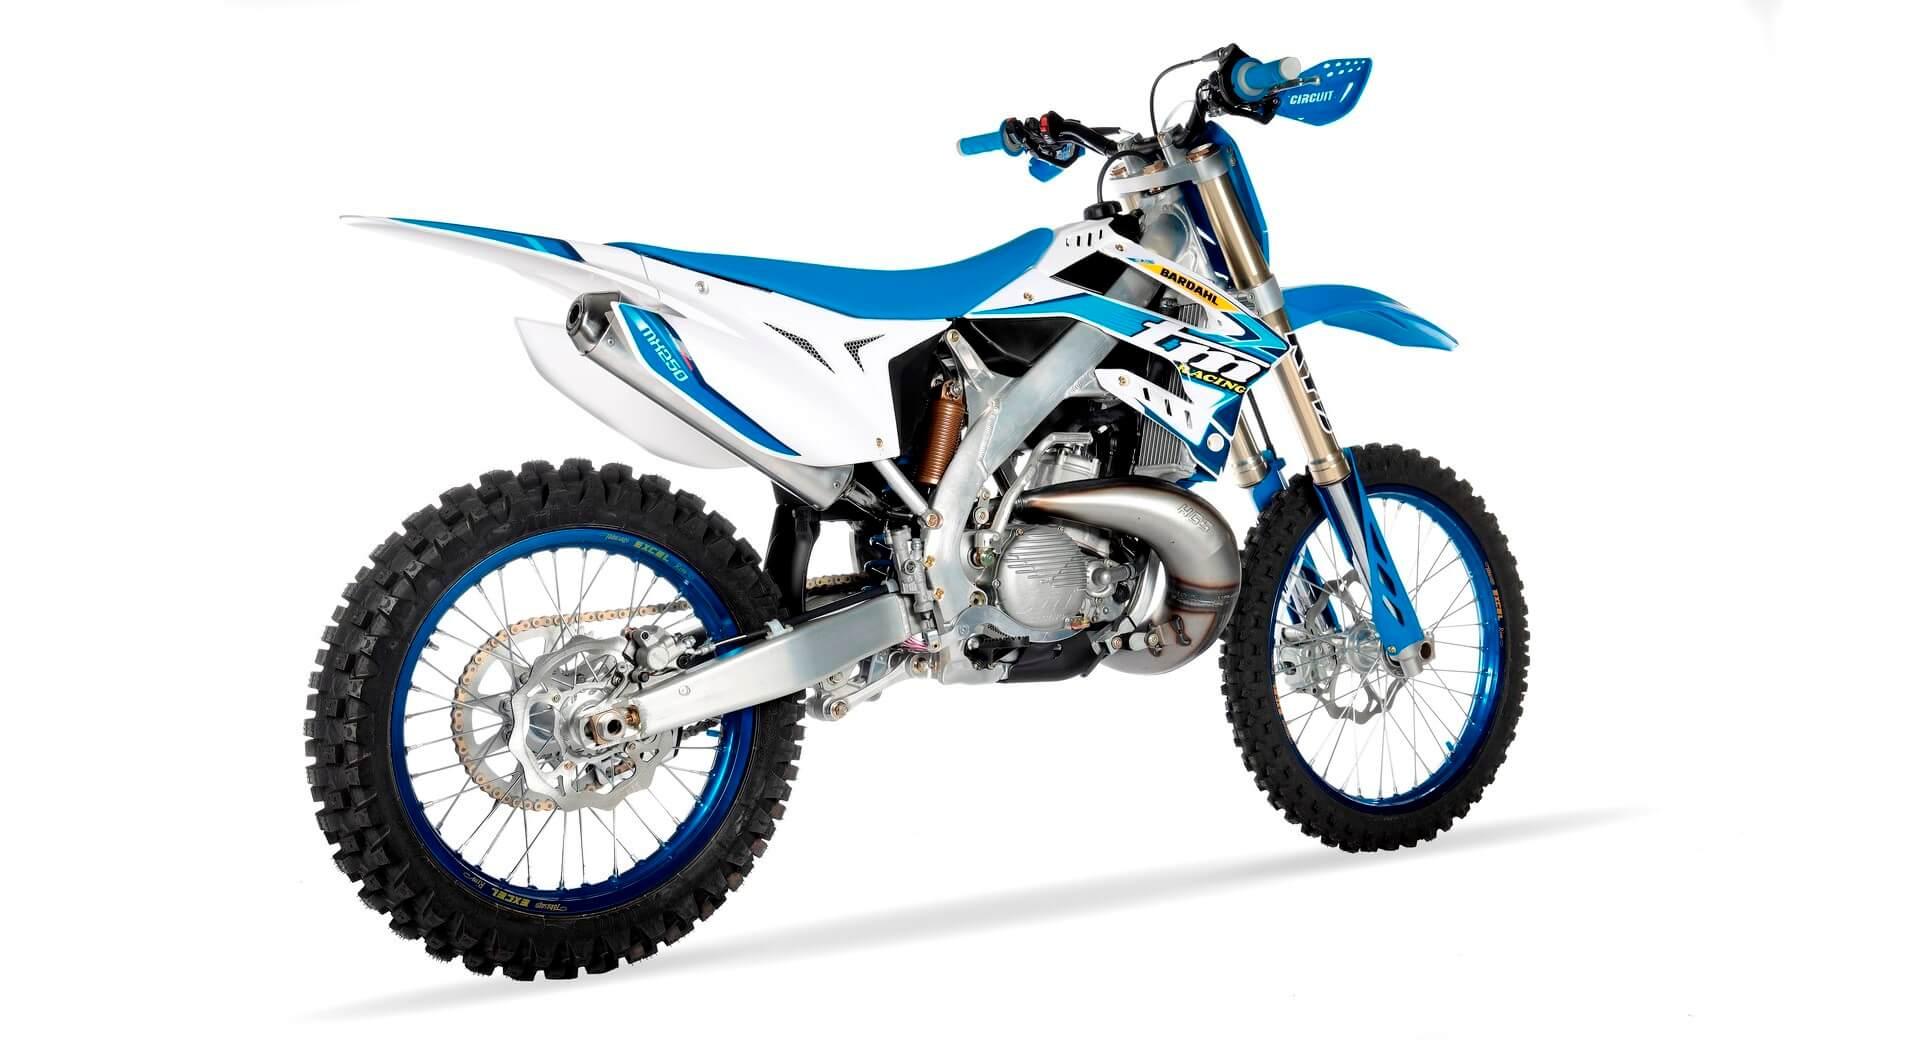 MX 250 ES 2T 06